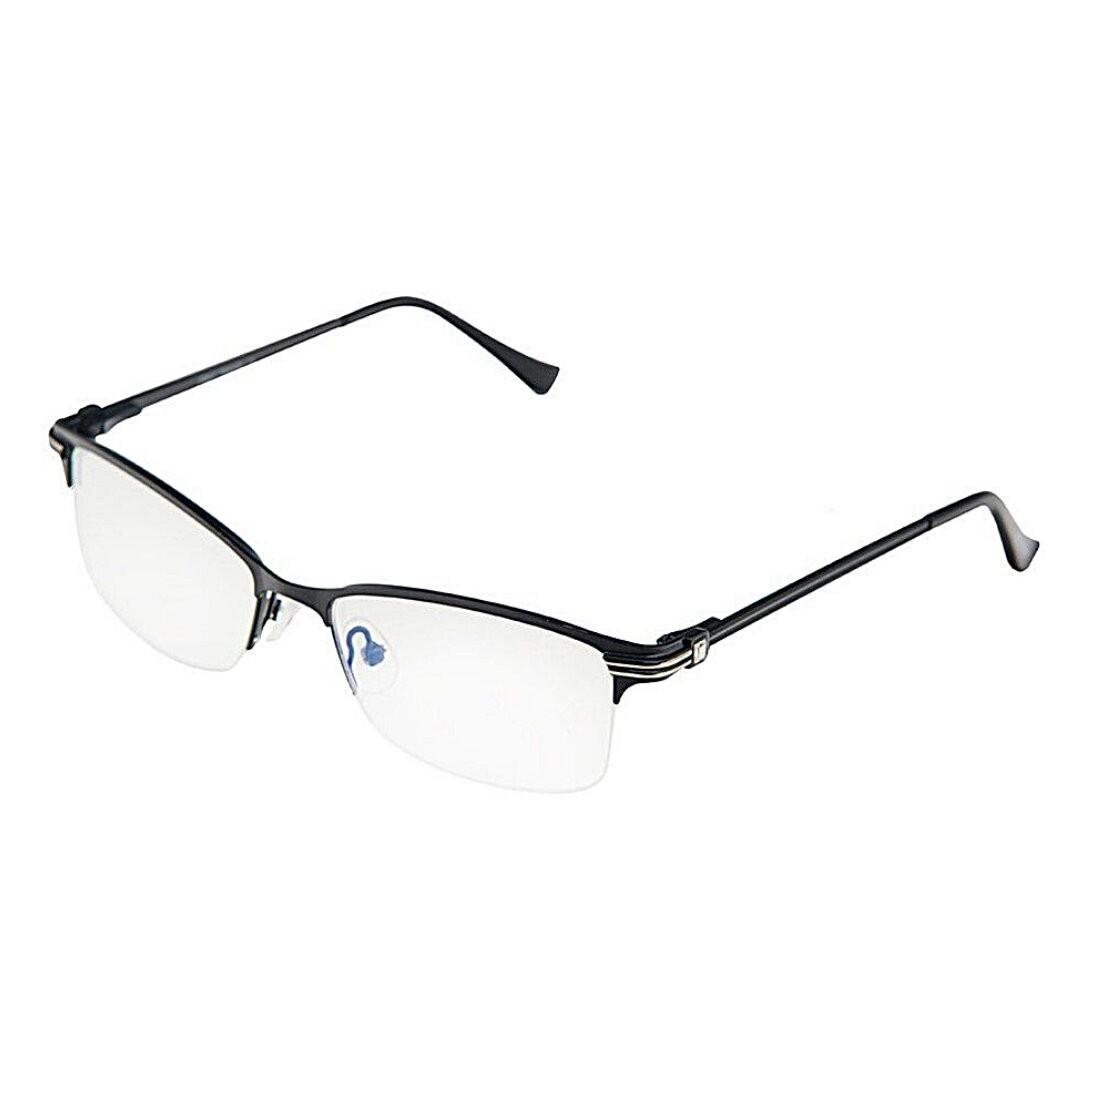 Armação de Óculos Khatto Fusion Litlle Cat - C143